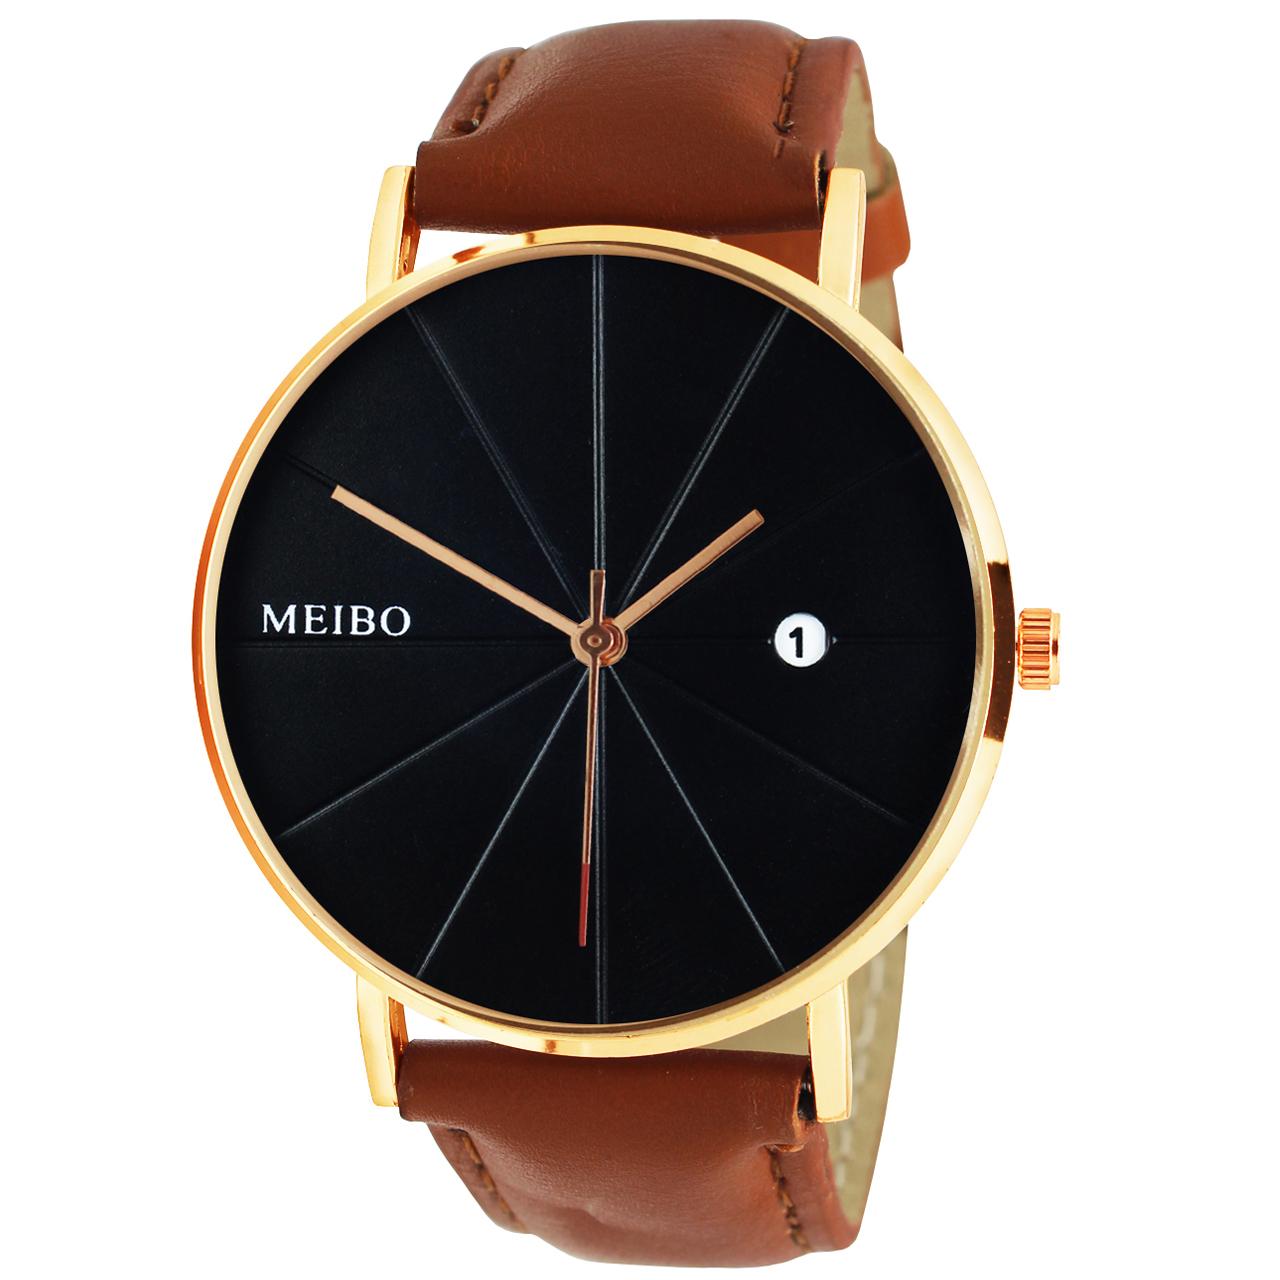 ساعت مچی عقربه ای مردانه میبو مدل Mi01